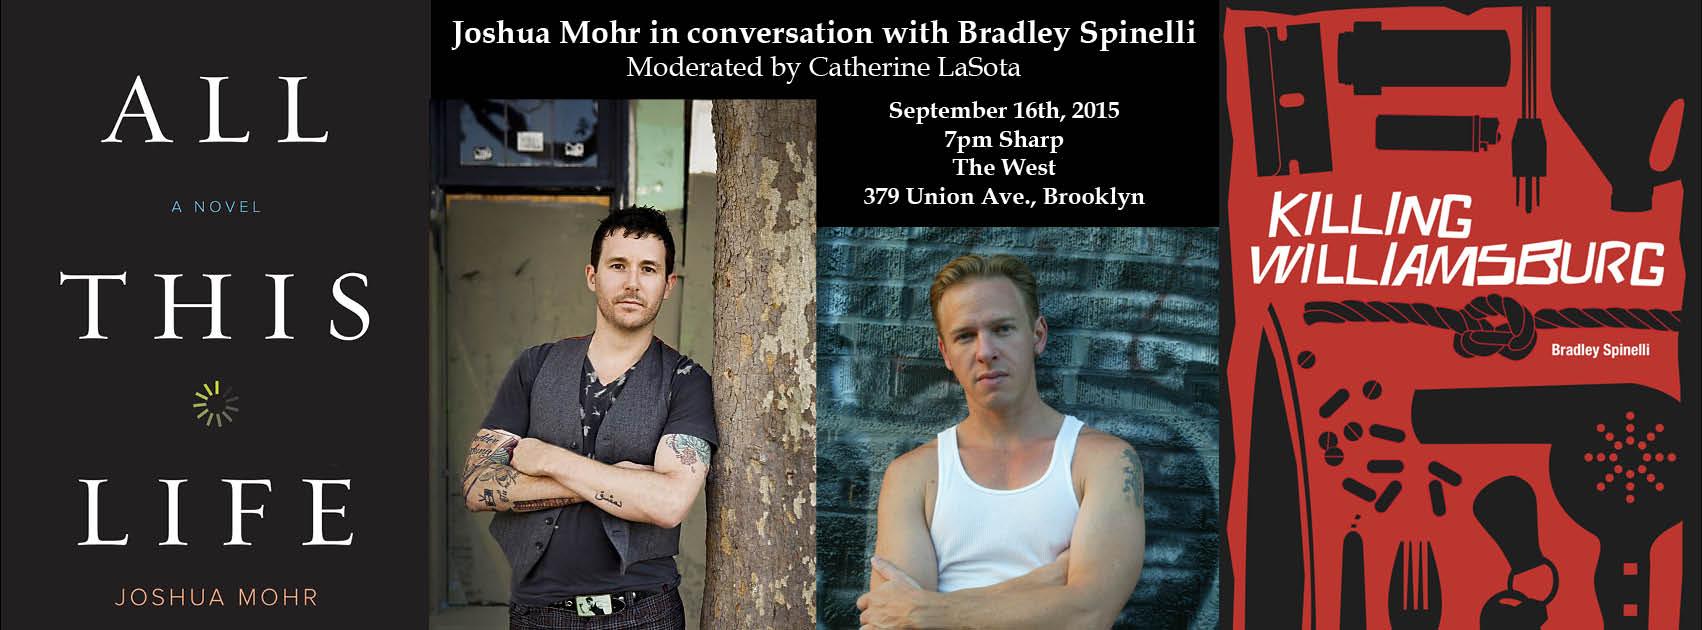 Josh Mohr invite 9.2015